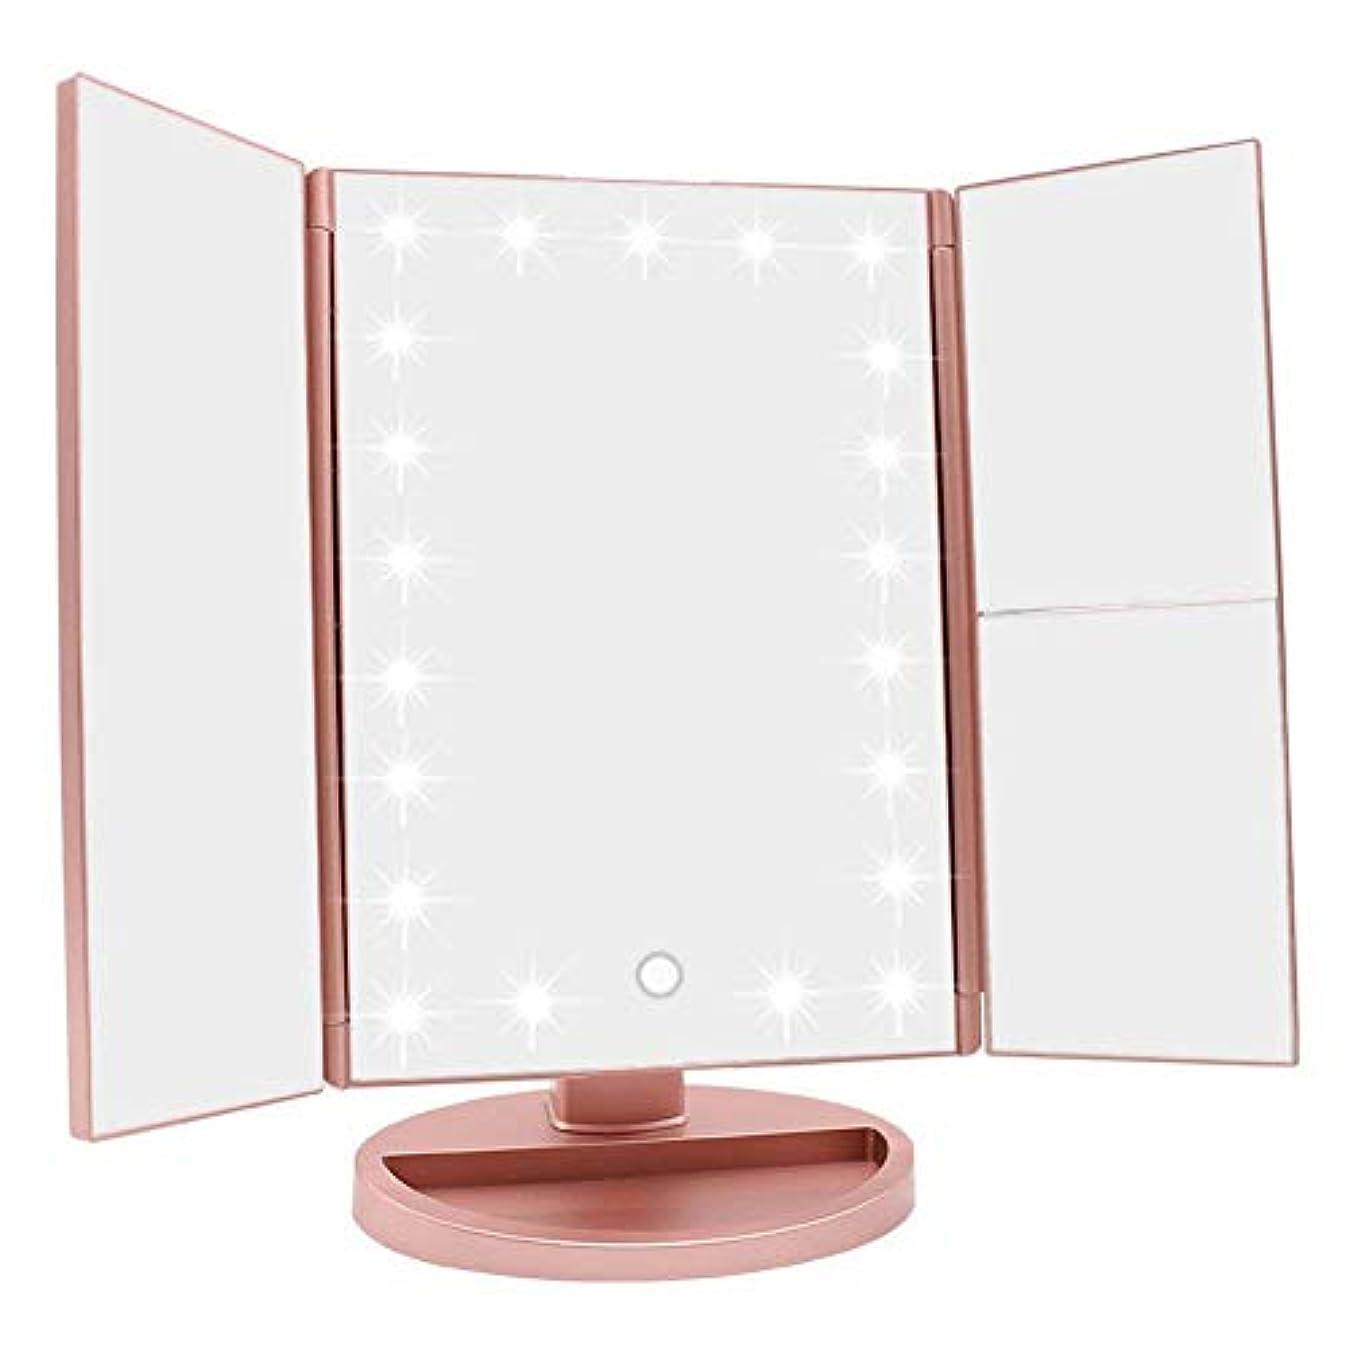 もの思い出させるジャンクWEILY LED化粧鏡 卓上鏡 三面鏡 折りたたみ式 2倍&3倍拡大 女優ミラー 180度回転 ライト鏡 明るさ•角度自由調整 収納便利 USB/電池交換可能 (ローズゴールド)